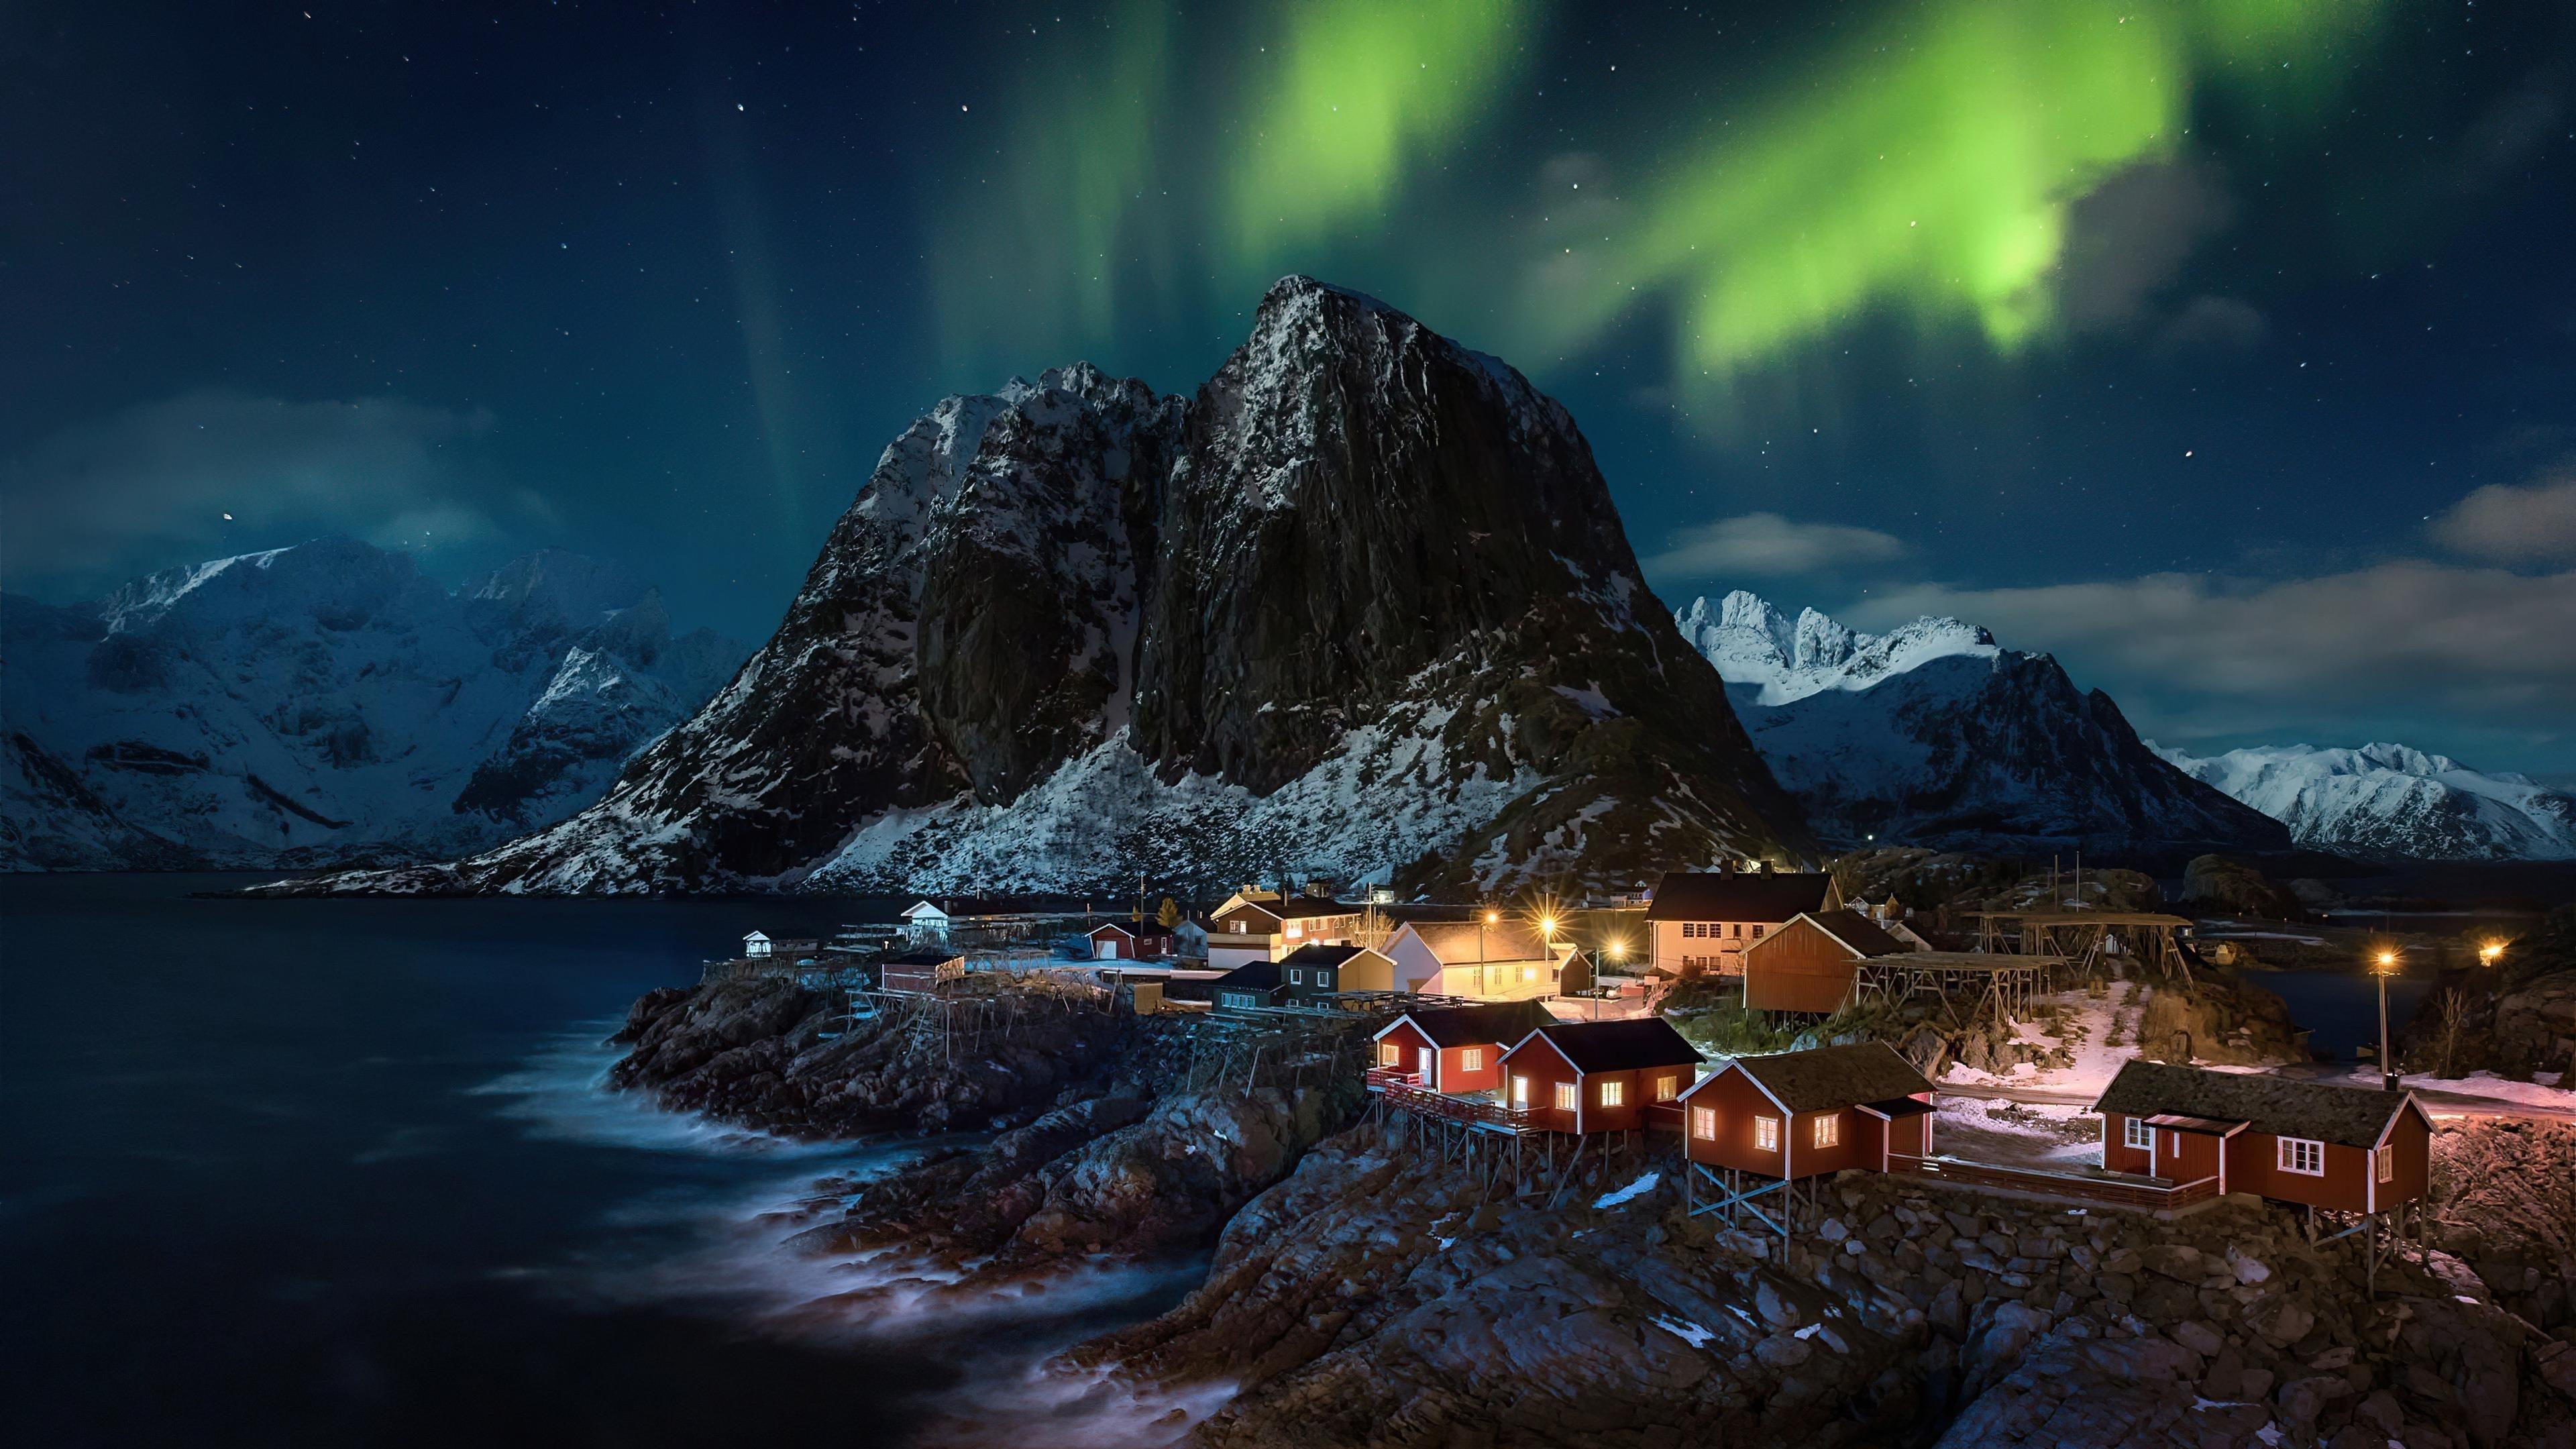 Полярное сияние Северное сияние Лофотенские острова Норвегия деревня природа обои скачать